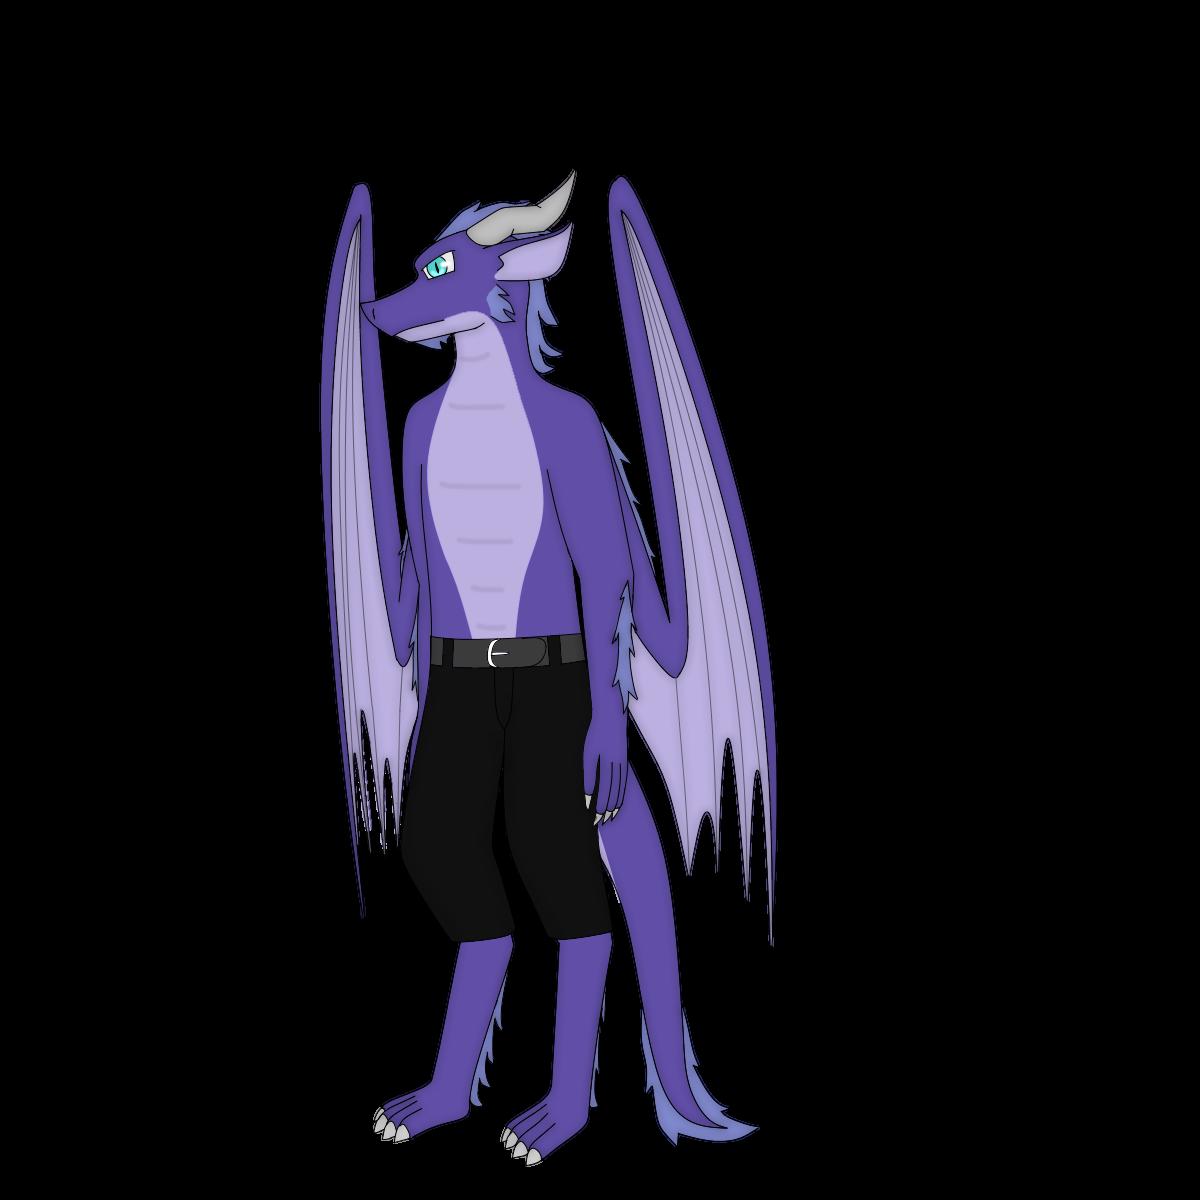 Kirefyx the dragon (full body shot)